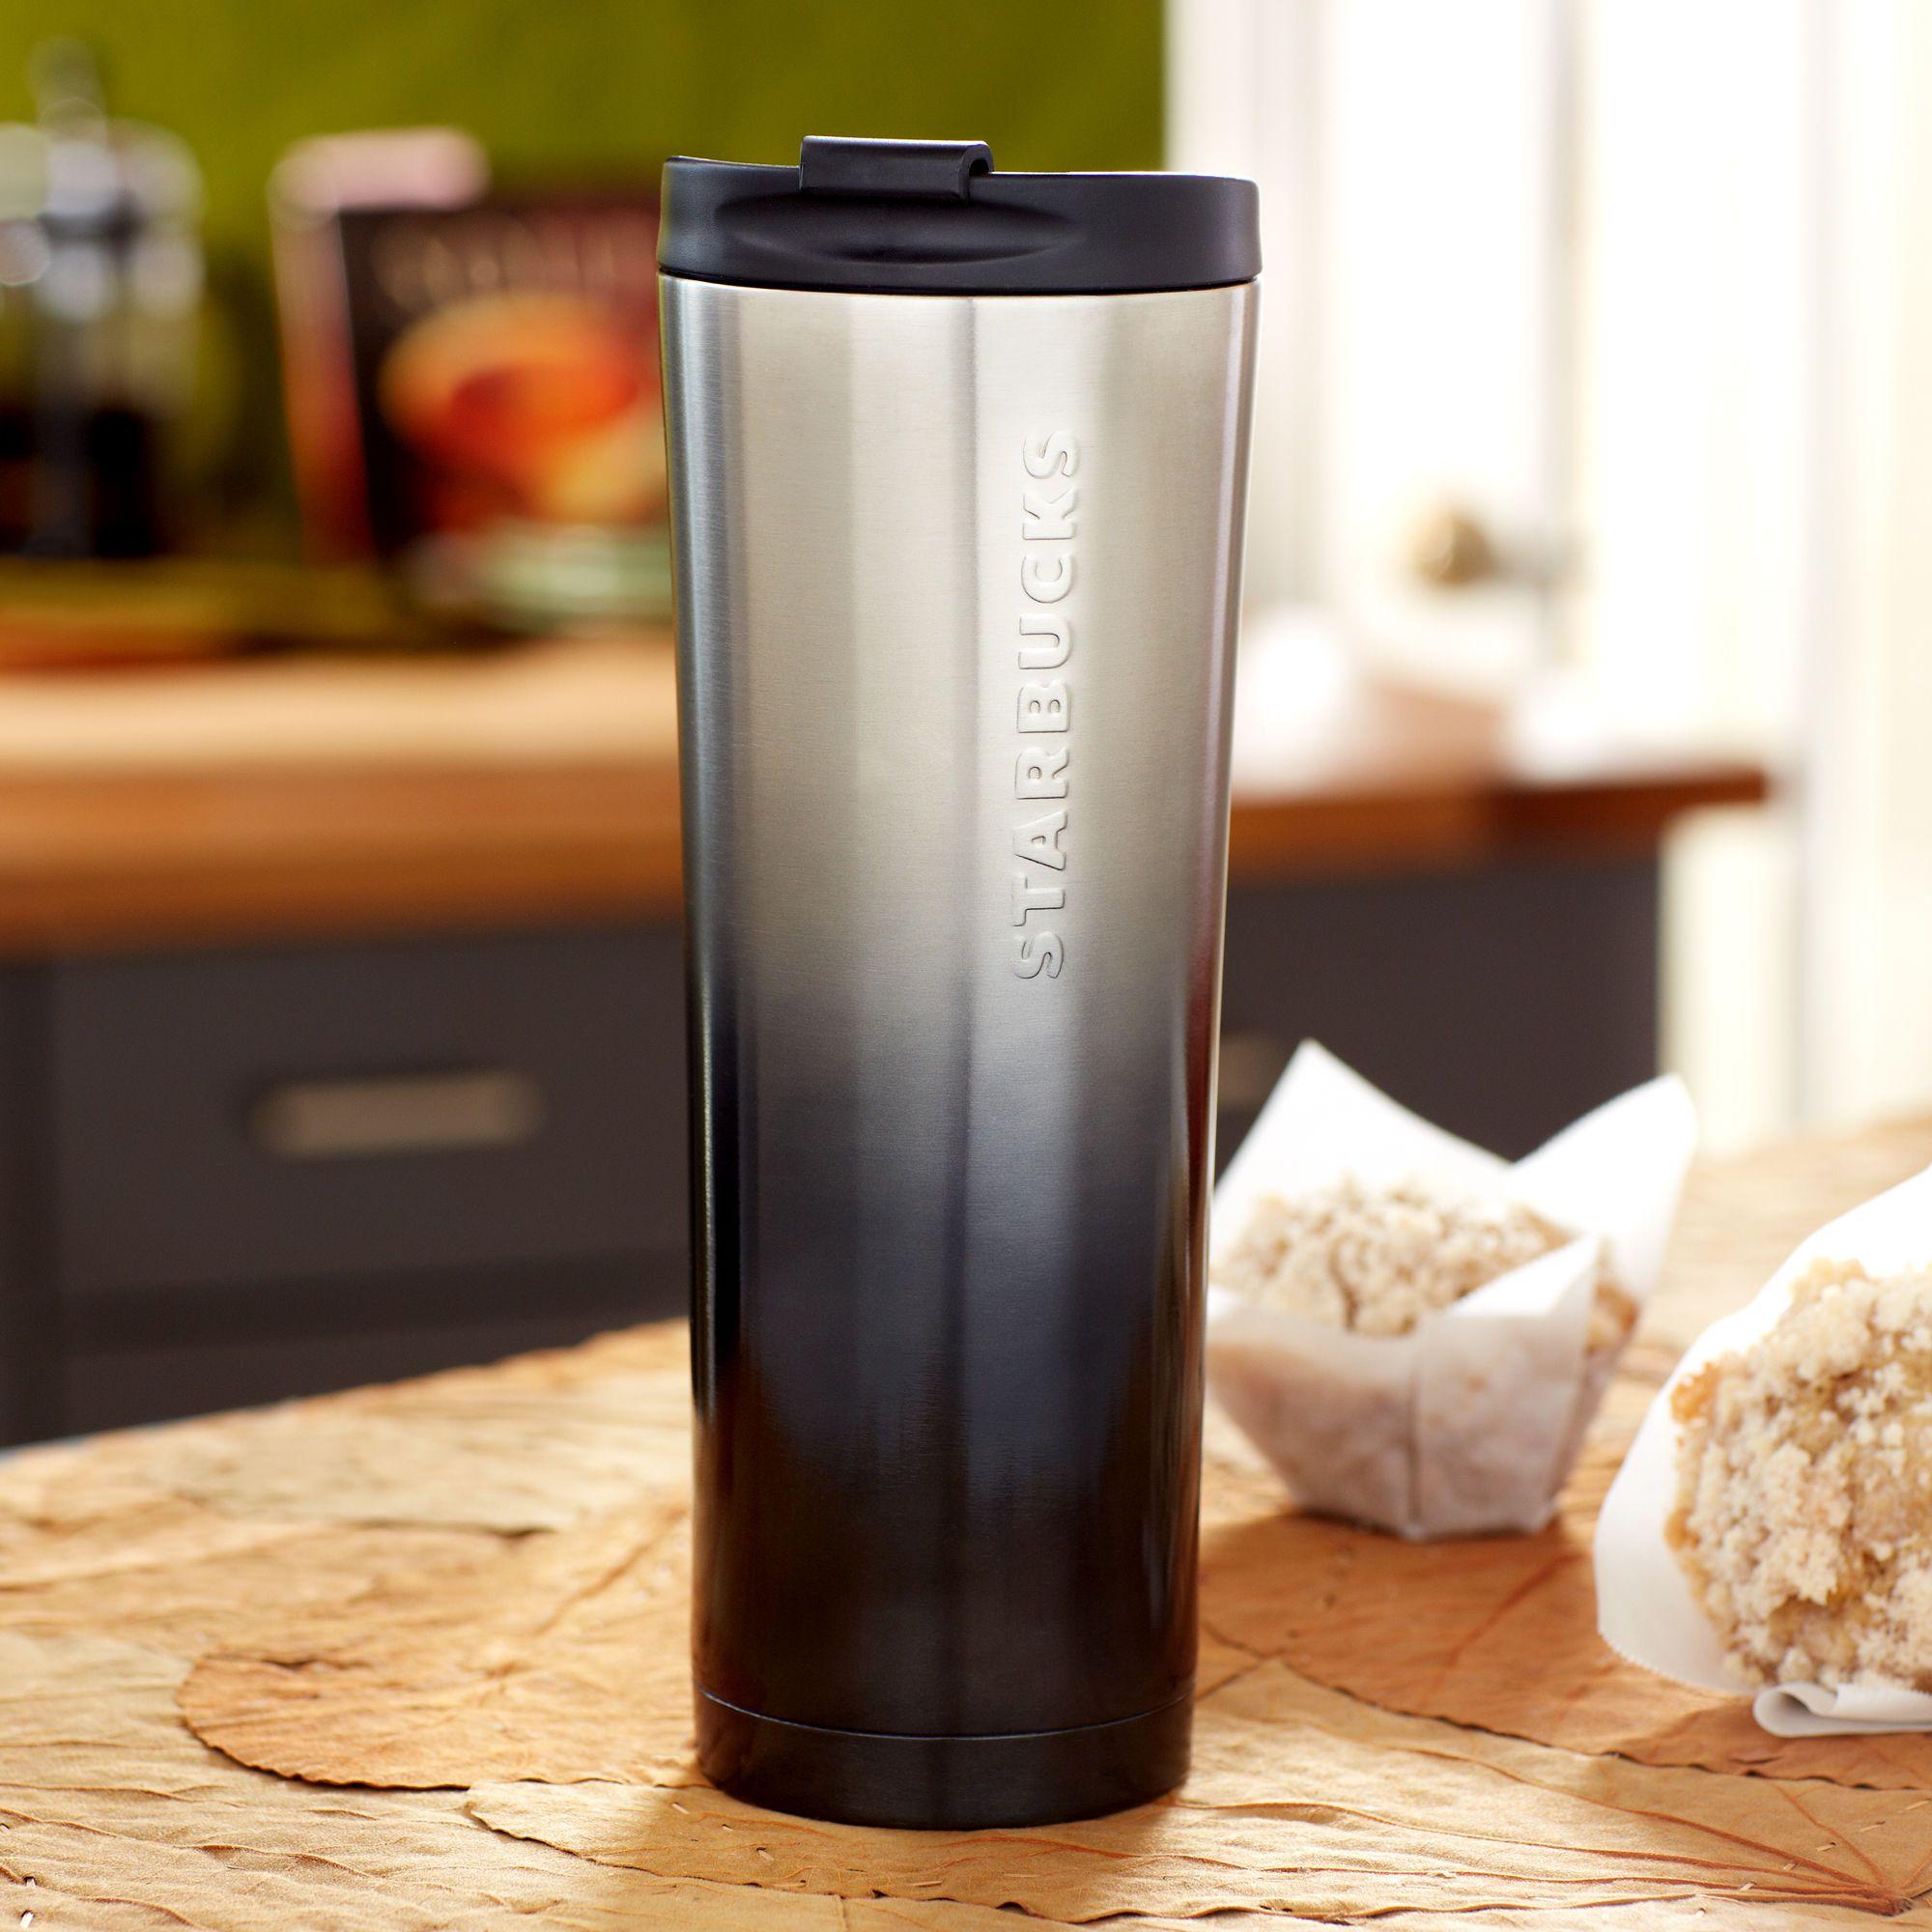 Stainless Steel Gradient Tumbler. New Starbucks Fall